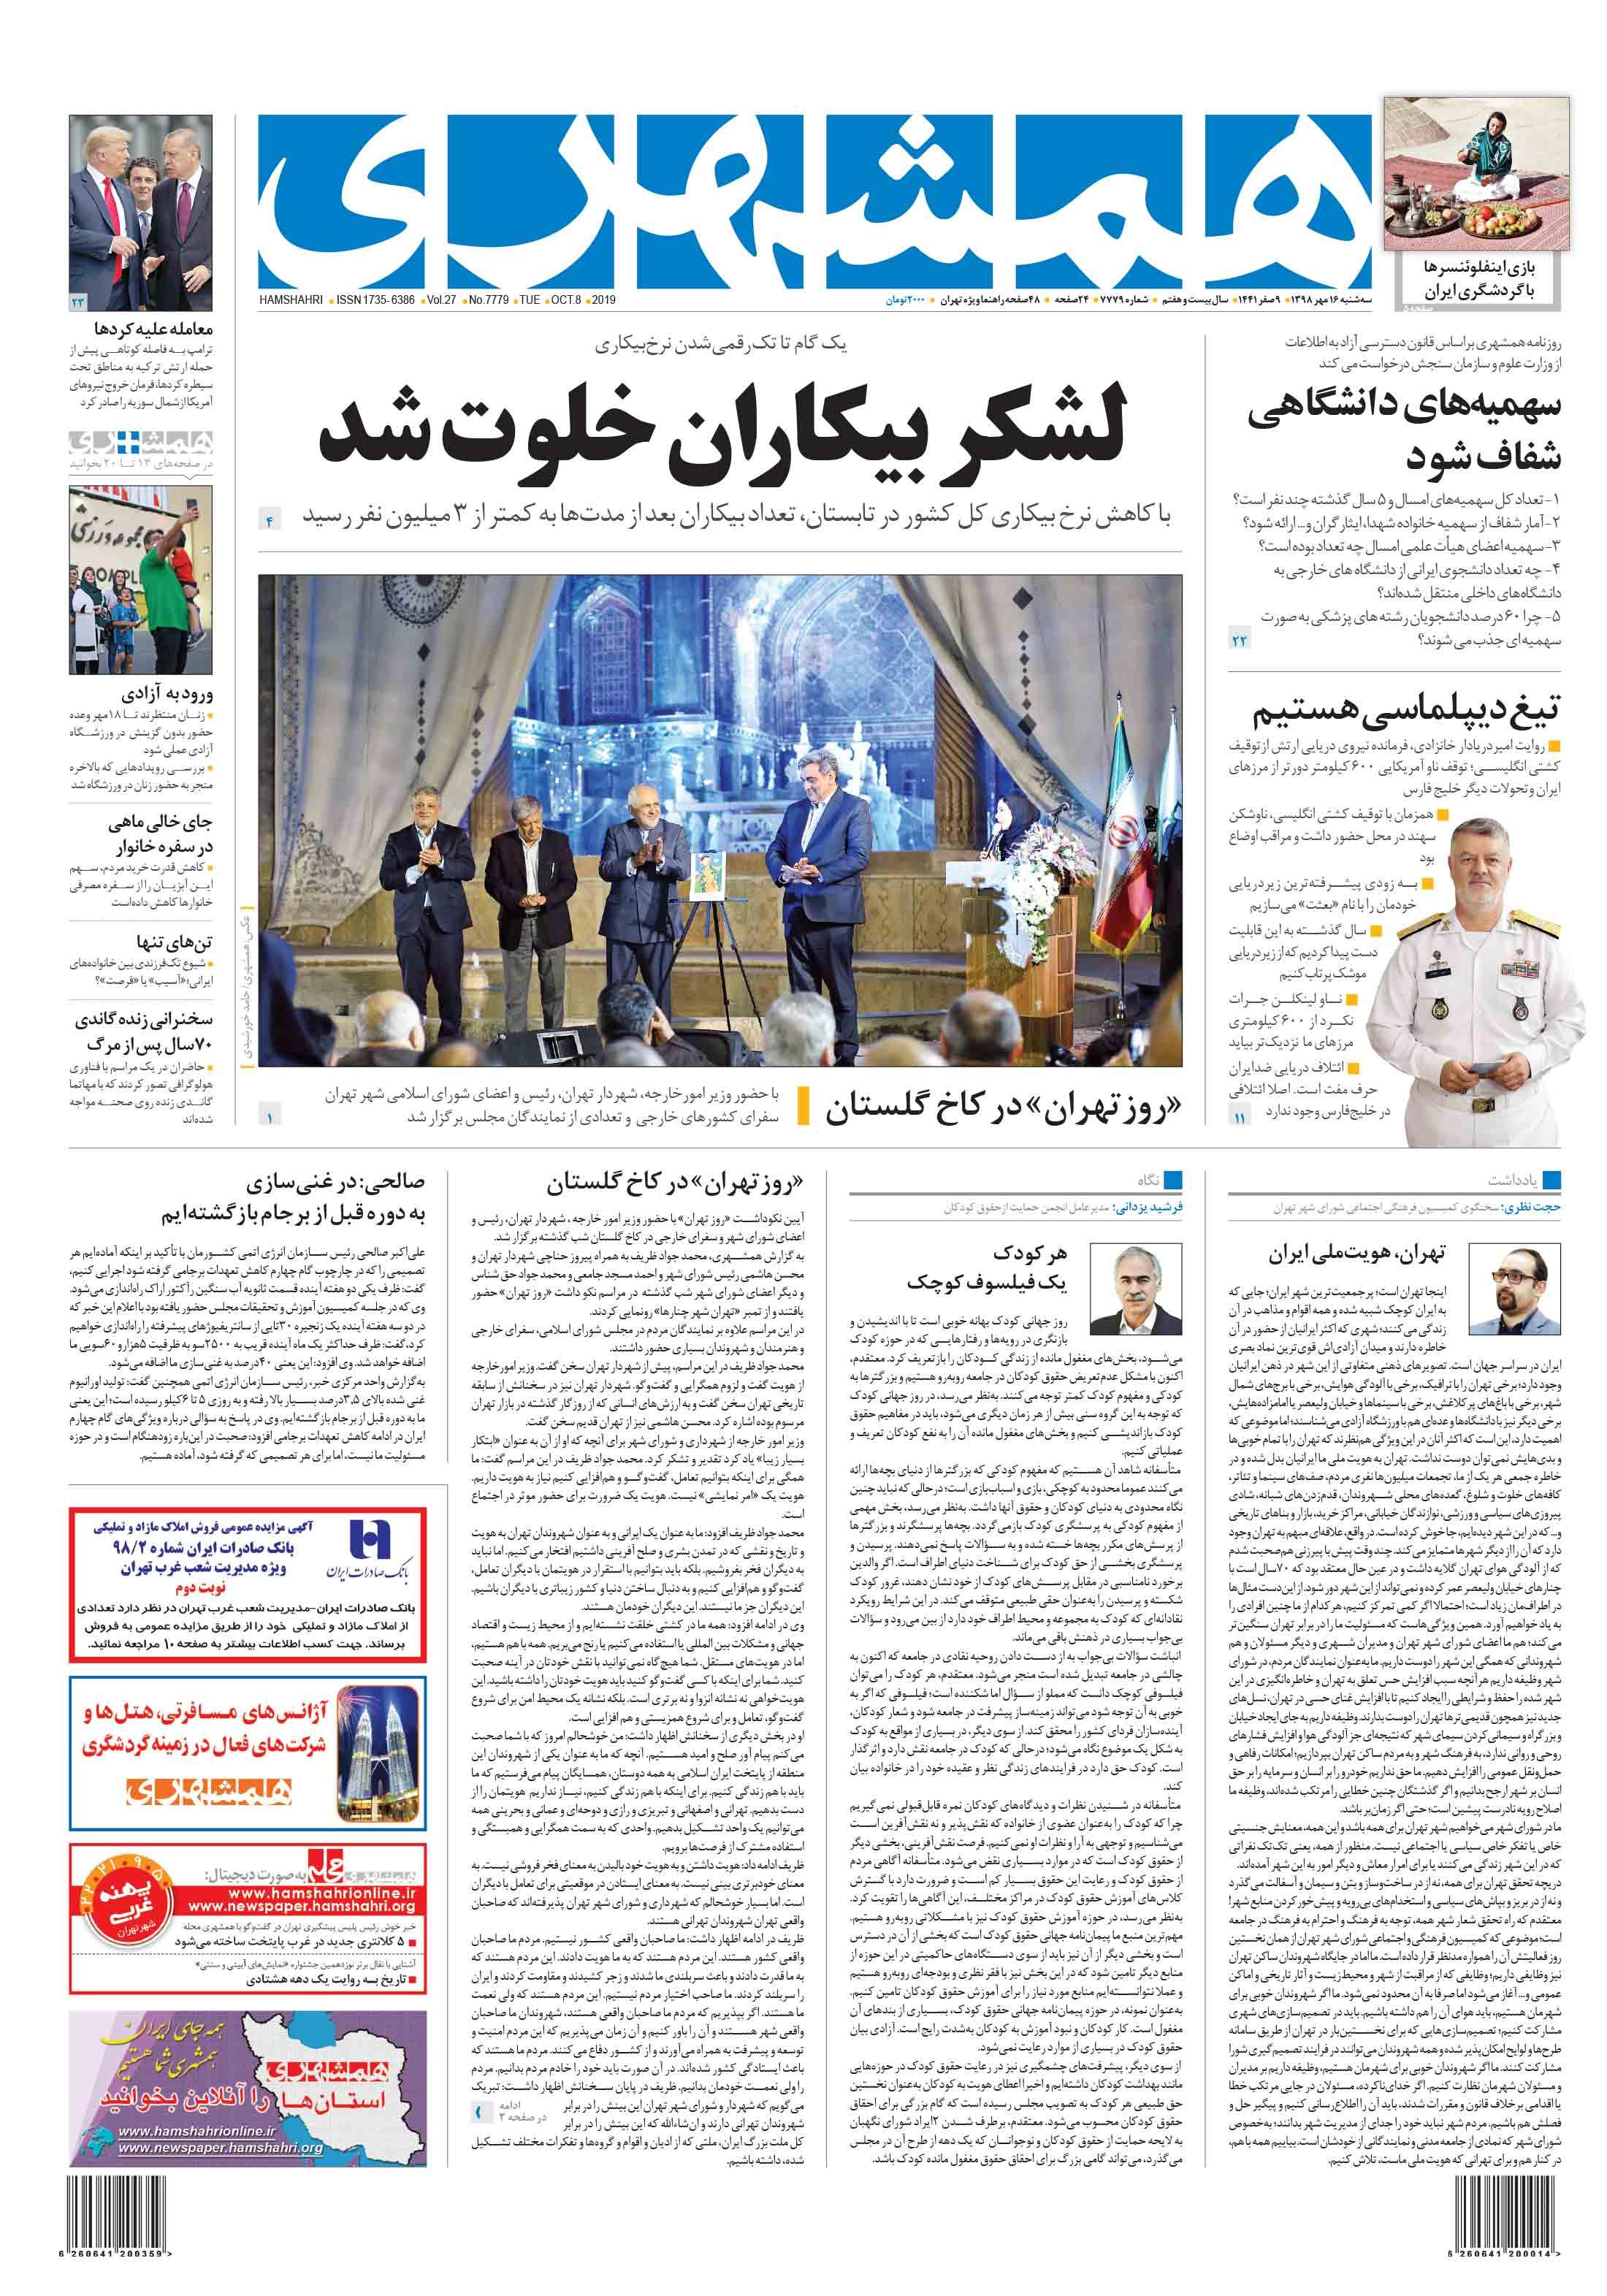 صفحه اول سهشنبه 16 مهر 1398